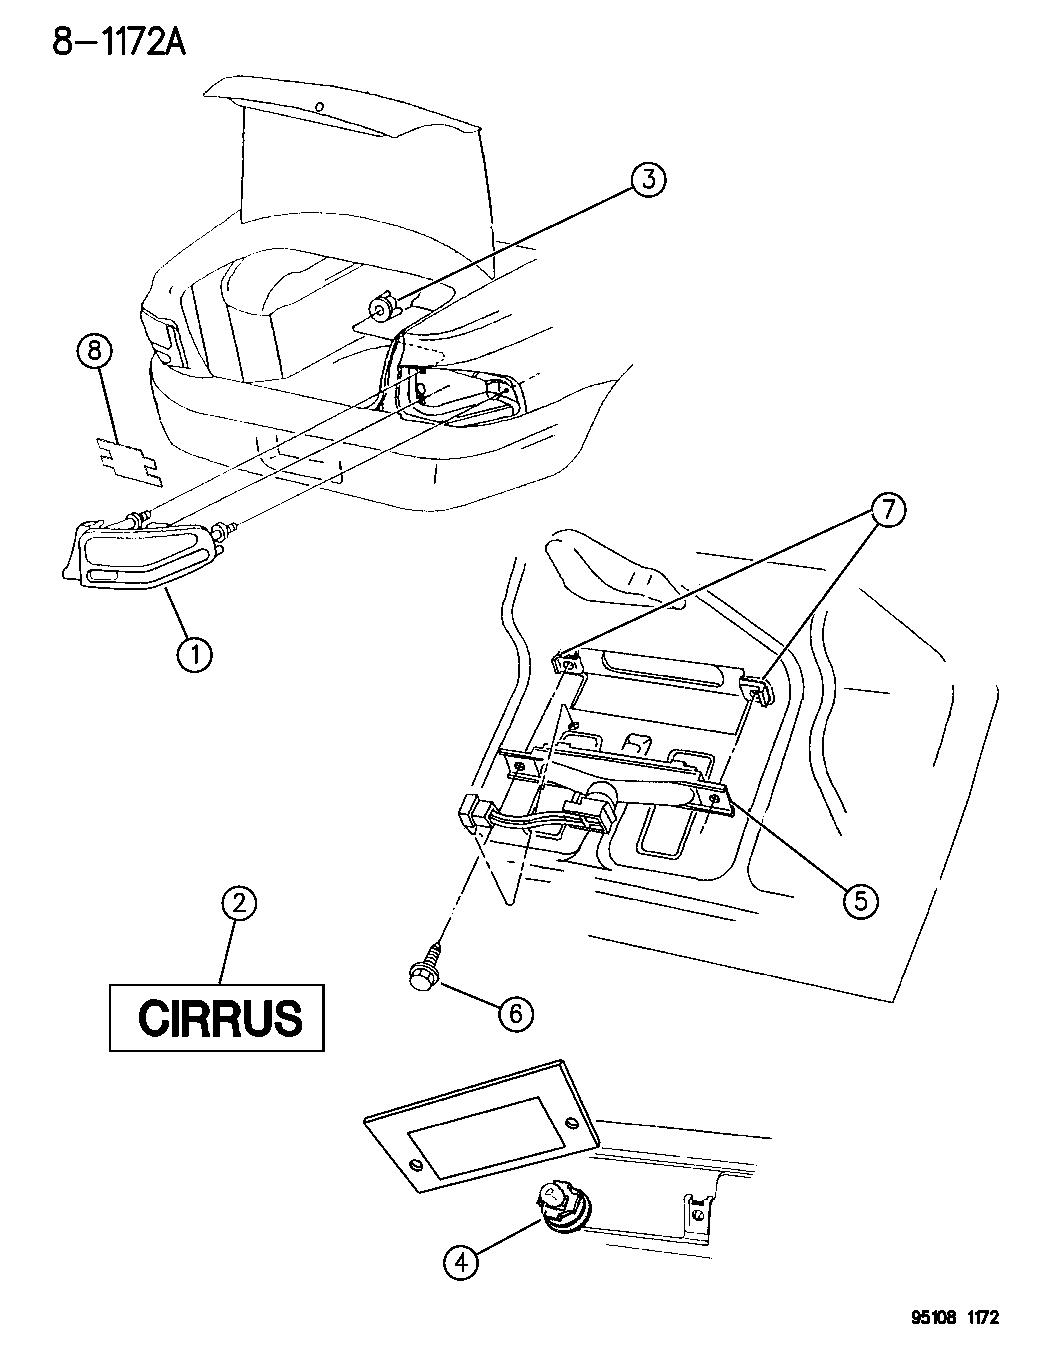 1995 Dodge Stratu Wiring Diagram